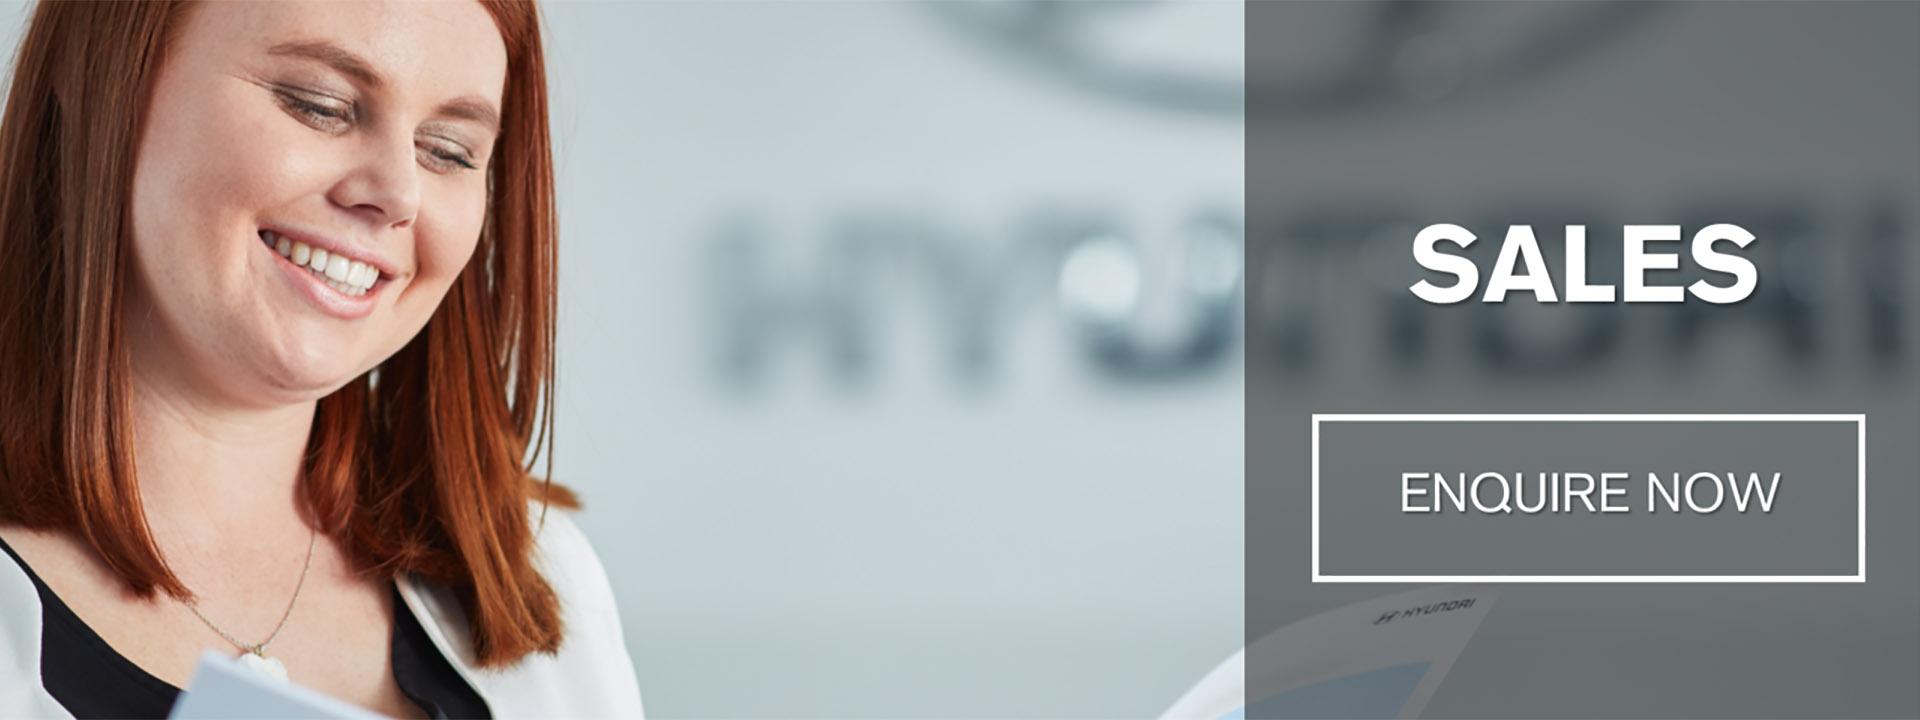 TonyLeahey-HPB-Sales-Nov19-Hn.jpg